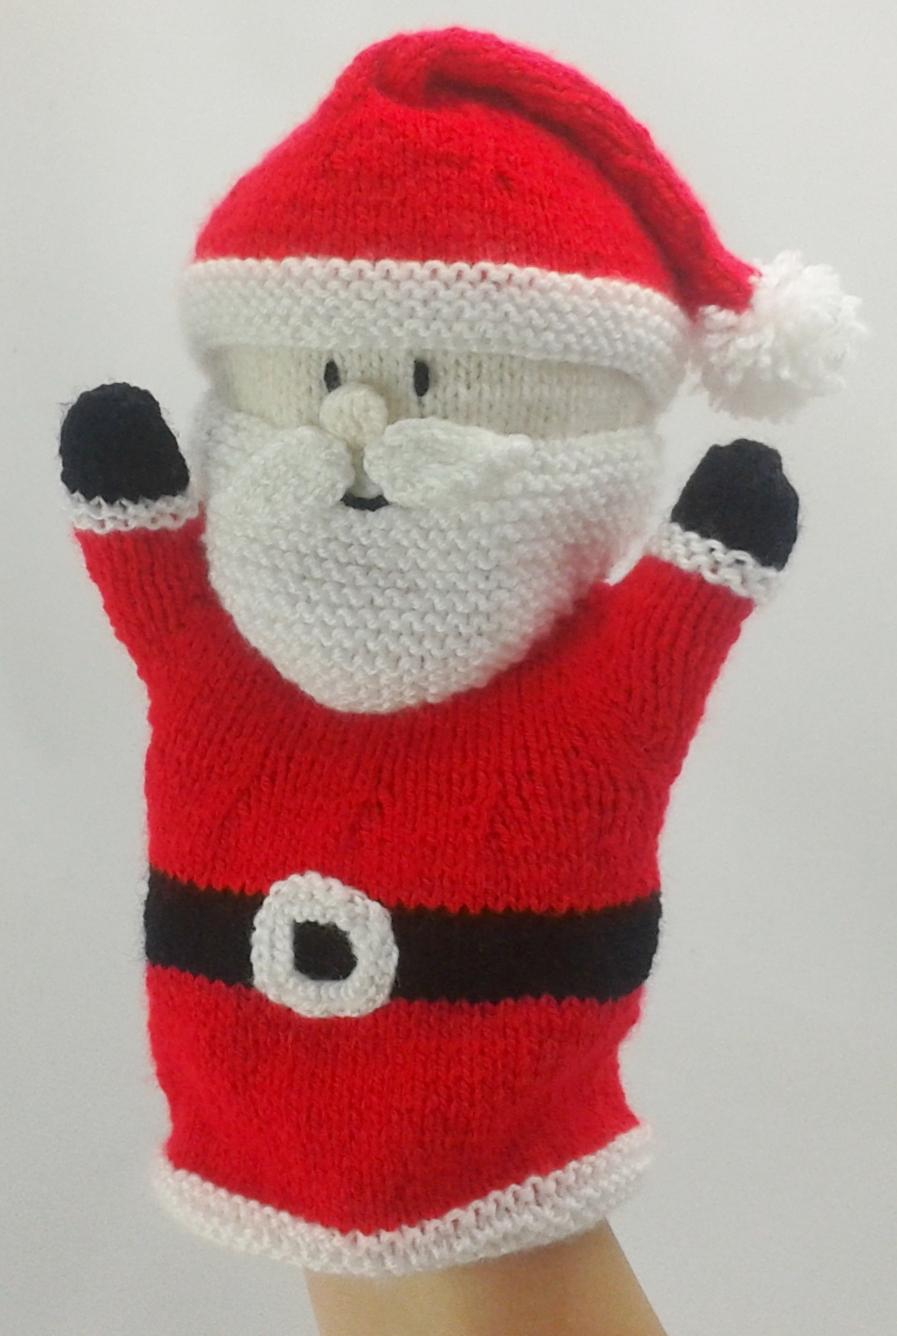 santa hand puppet knitting pattern  u2013 knitting by post